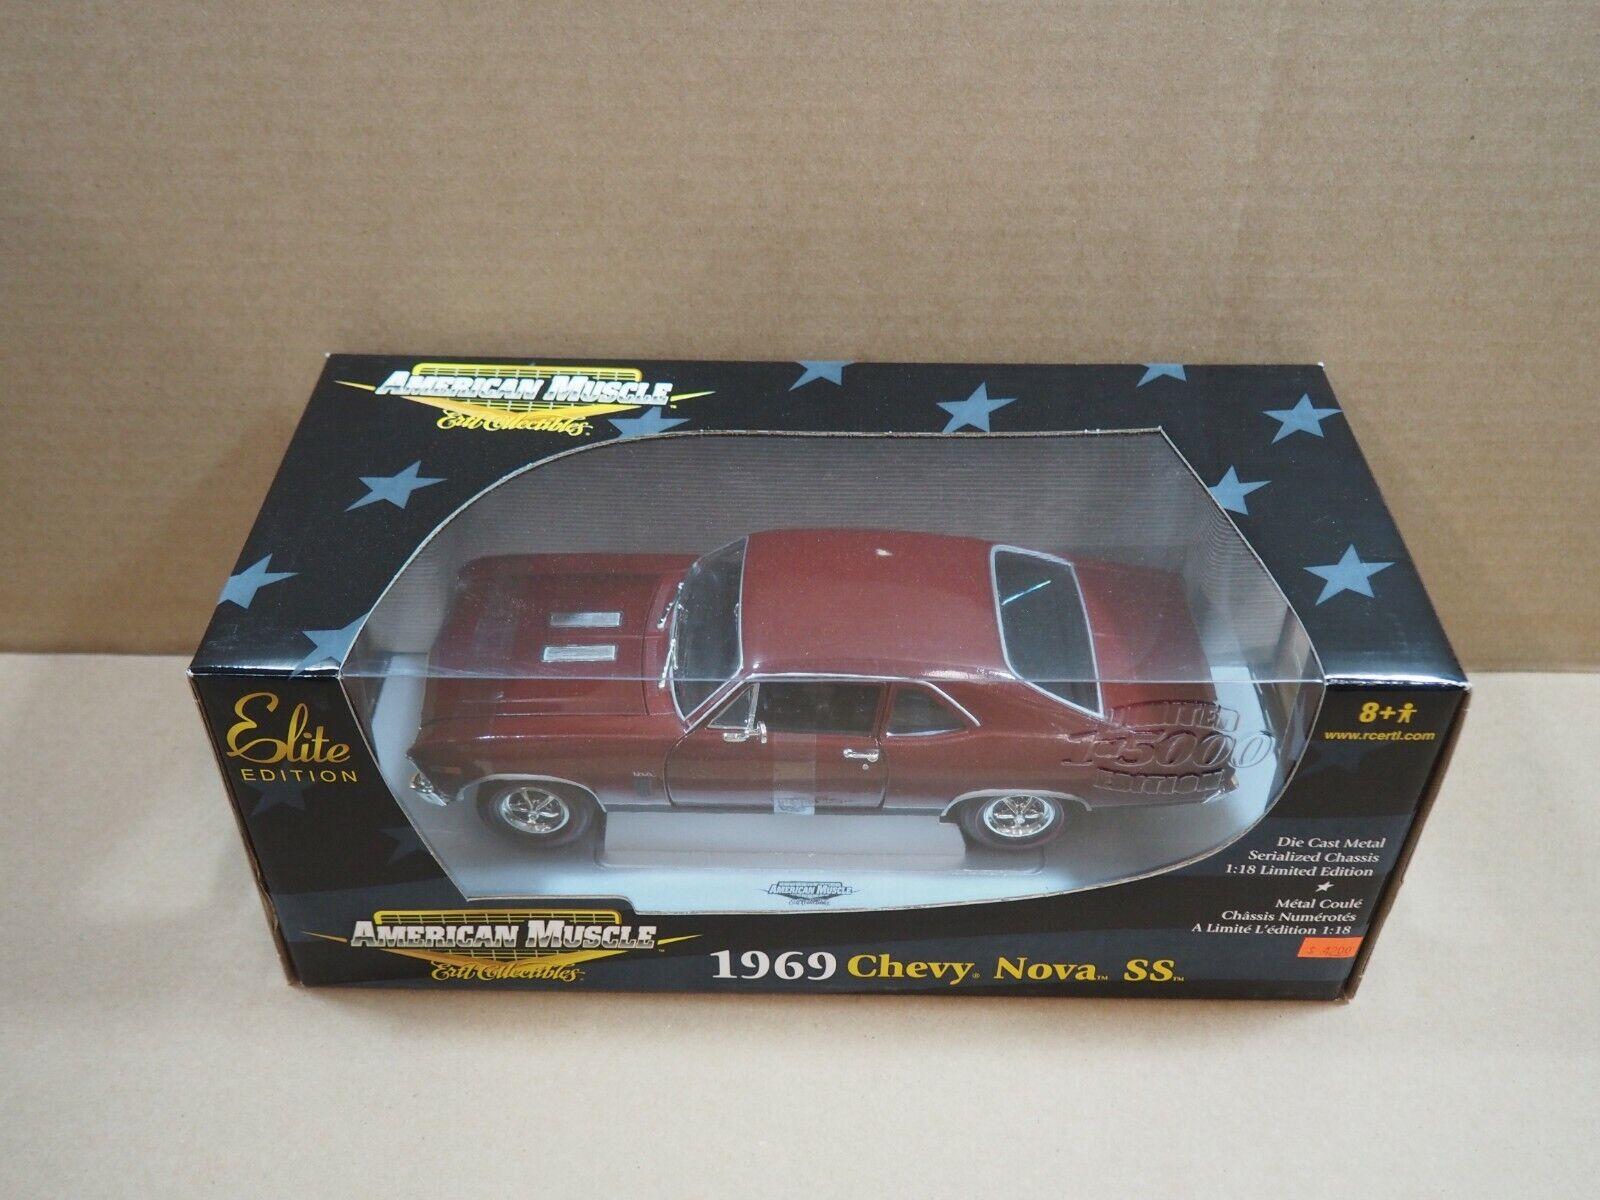 Ertl American Muscle Elite Edition - 1969 Chevy Nova Ss 1 18 DIE-CAST Edición Limitada Nuevo En Caja